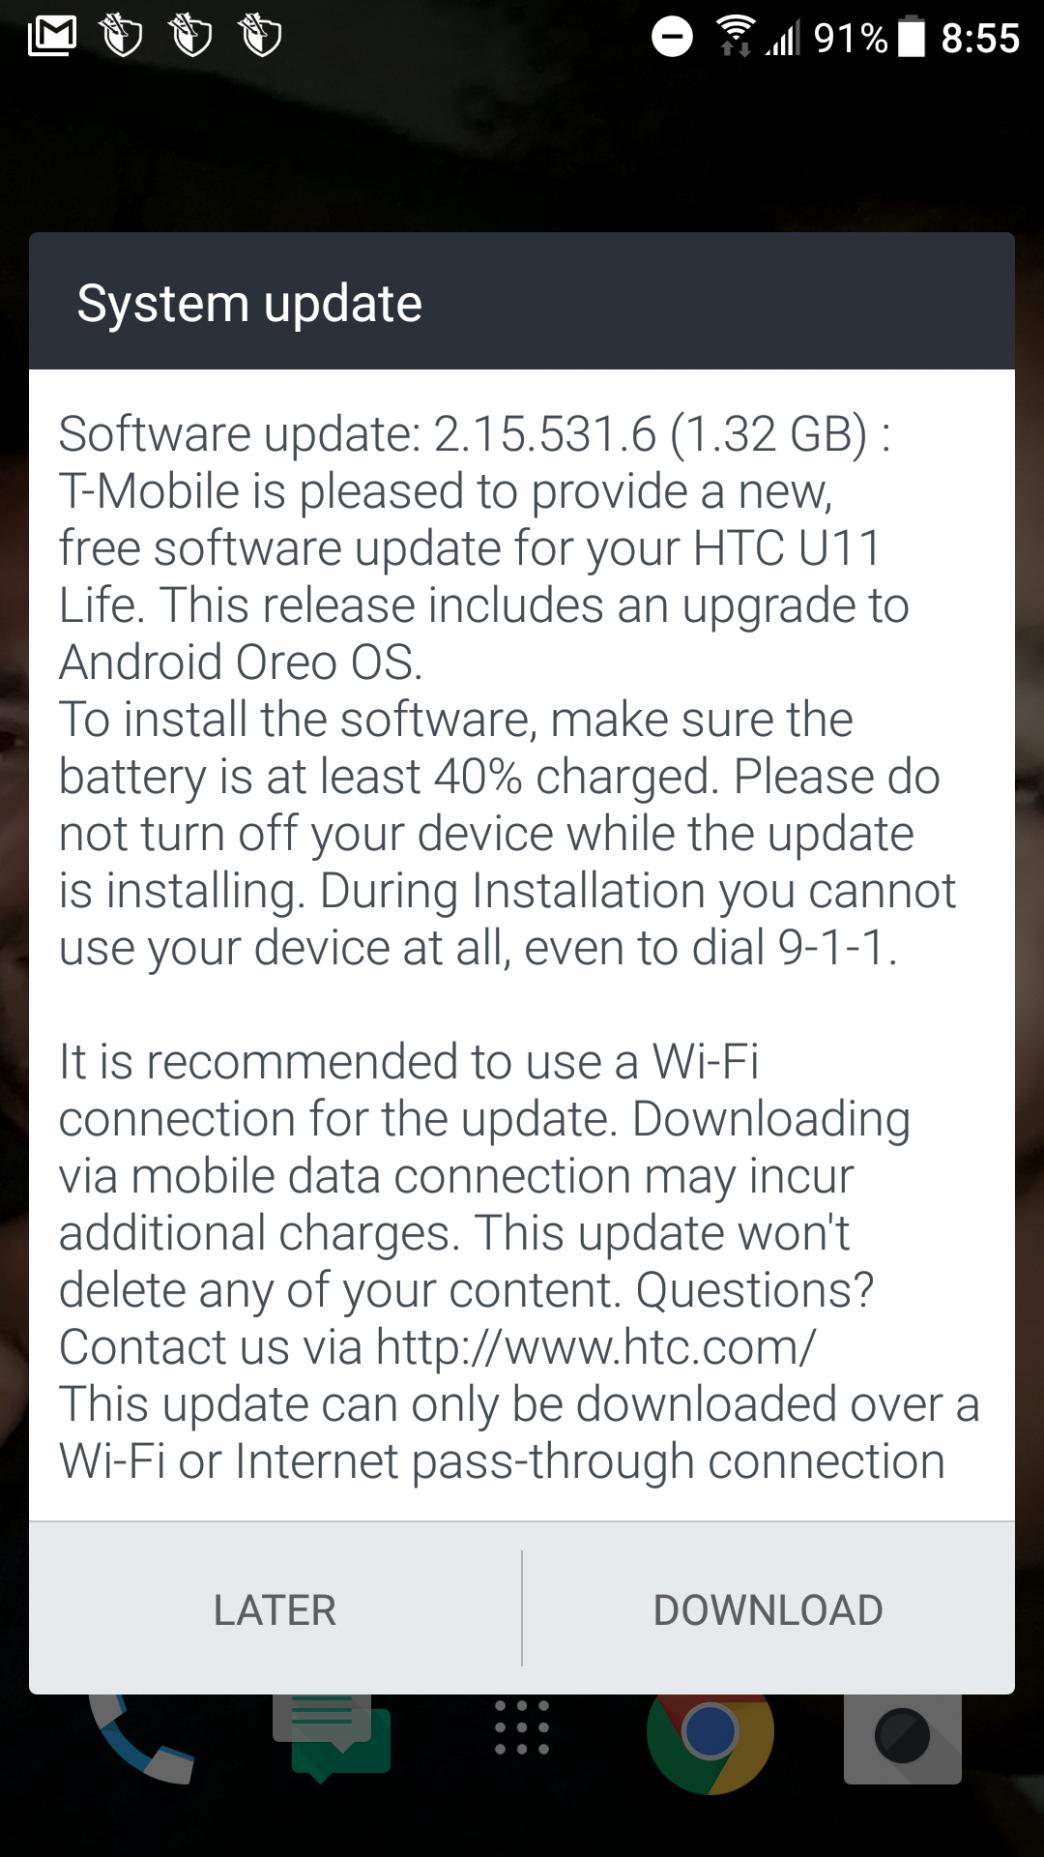 HTC-Oreo-update